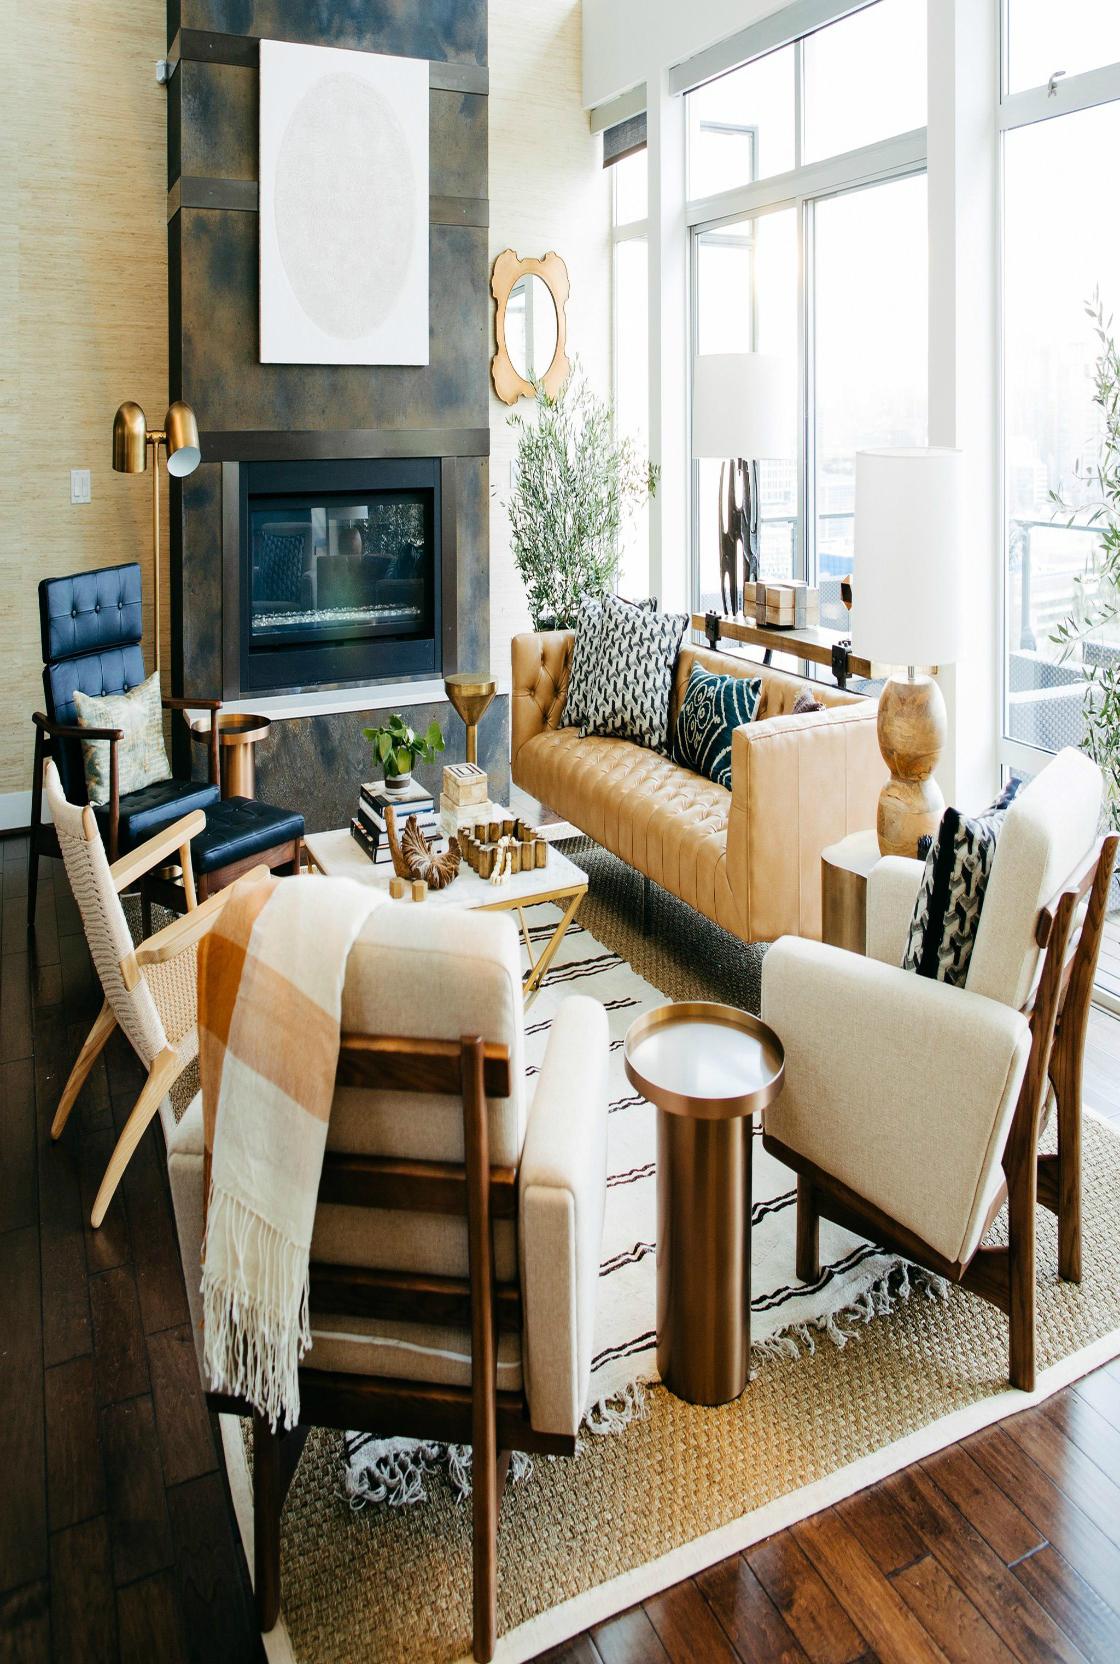 interior design Interior design: The Best Home Decorating Trends Compilation interior design 2